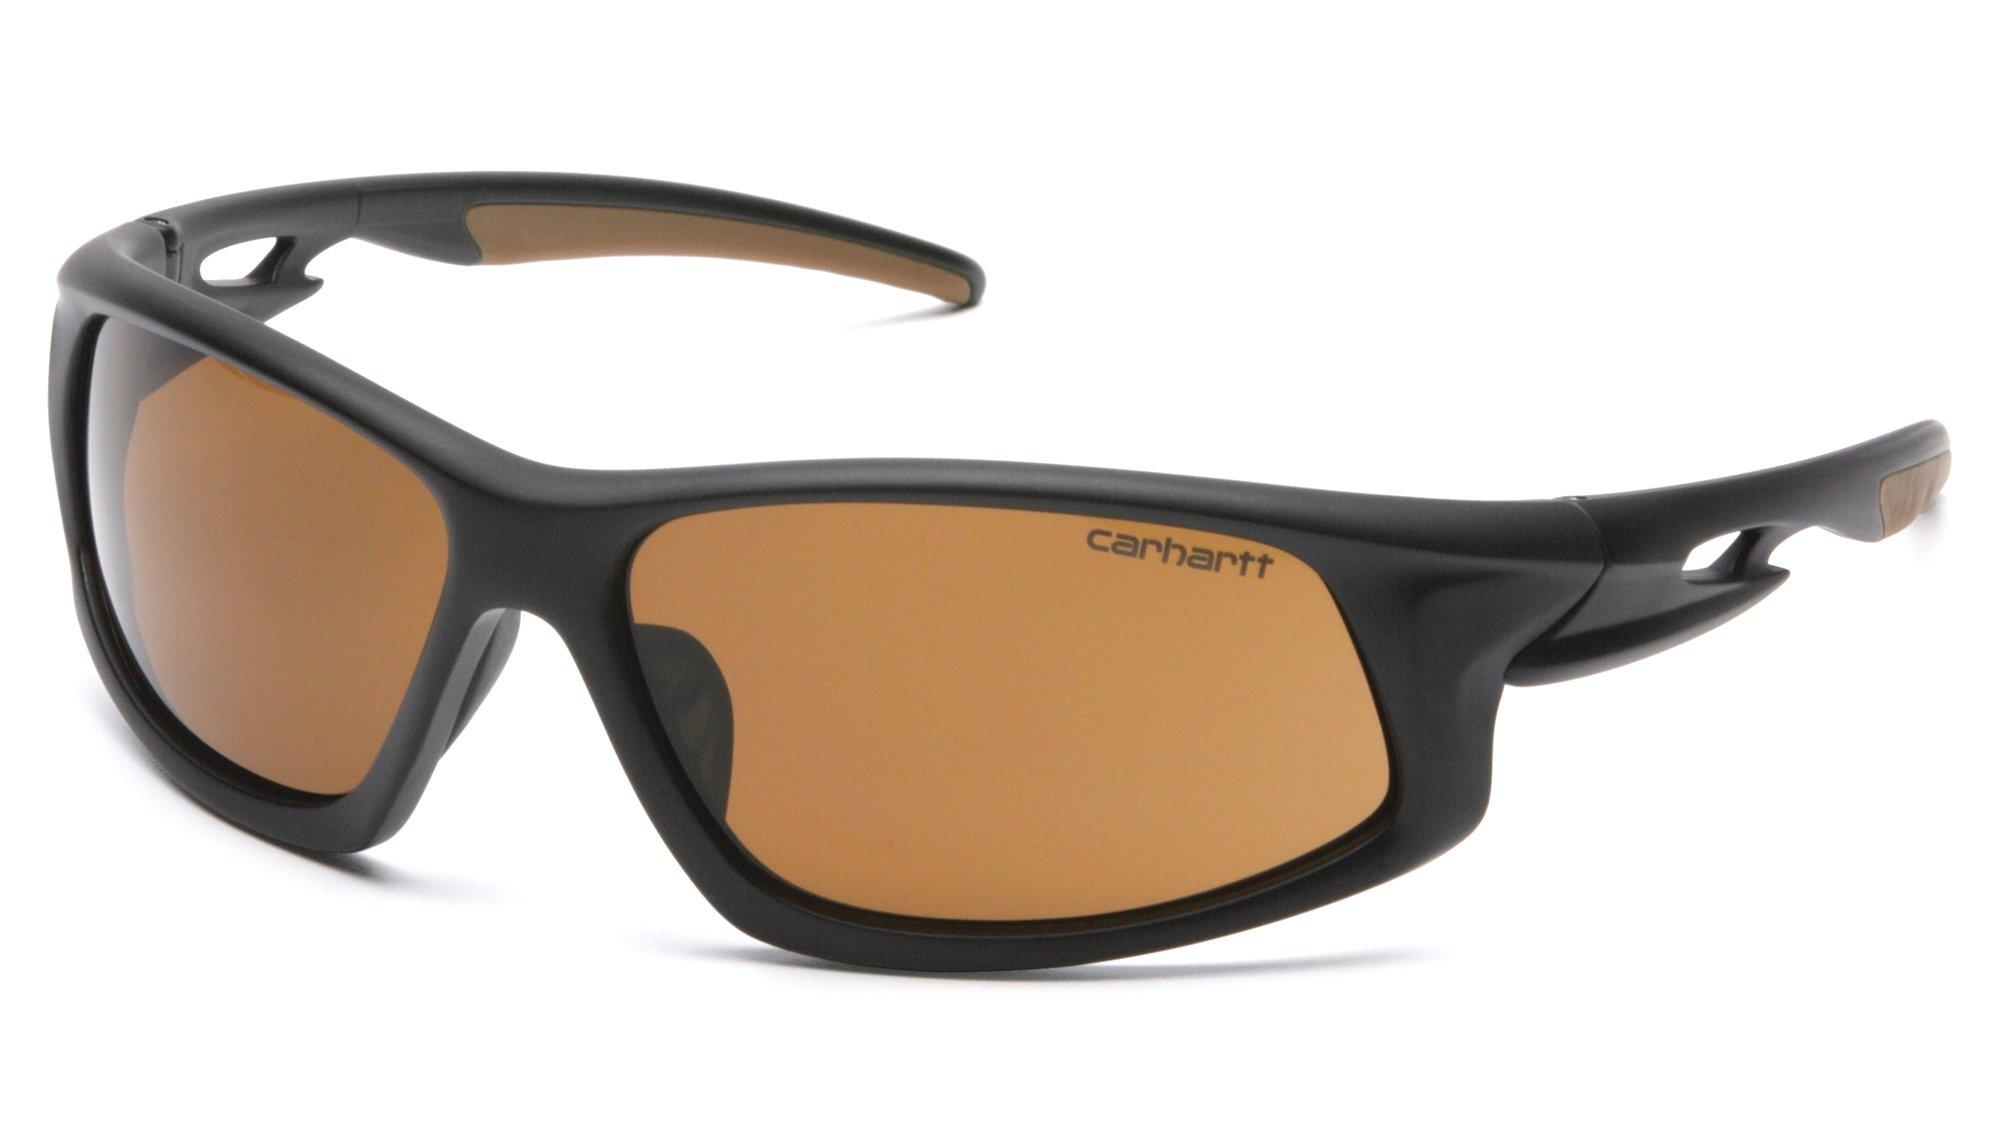 Carhartt CHB618DT Ironside SAFETY Glasses, Black/Tan Frame, Sandstone Bronze Anti-Fog Lens